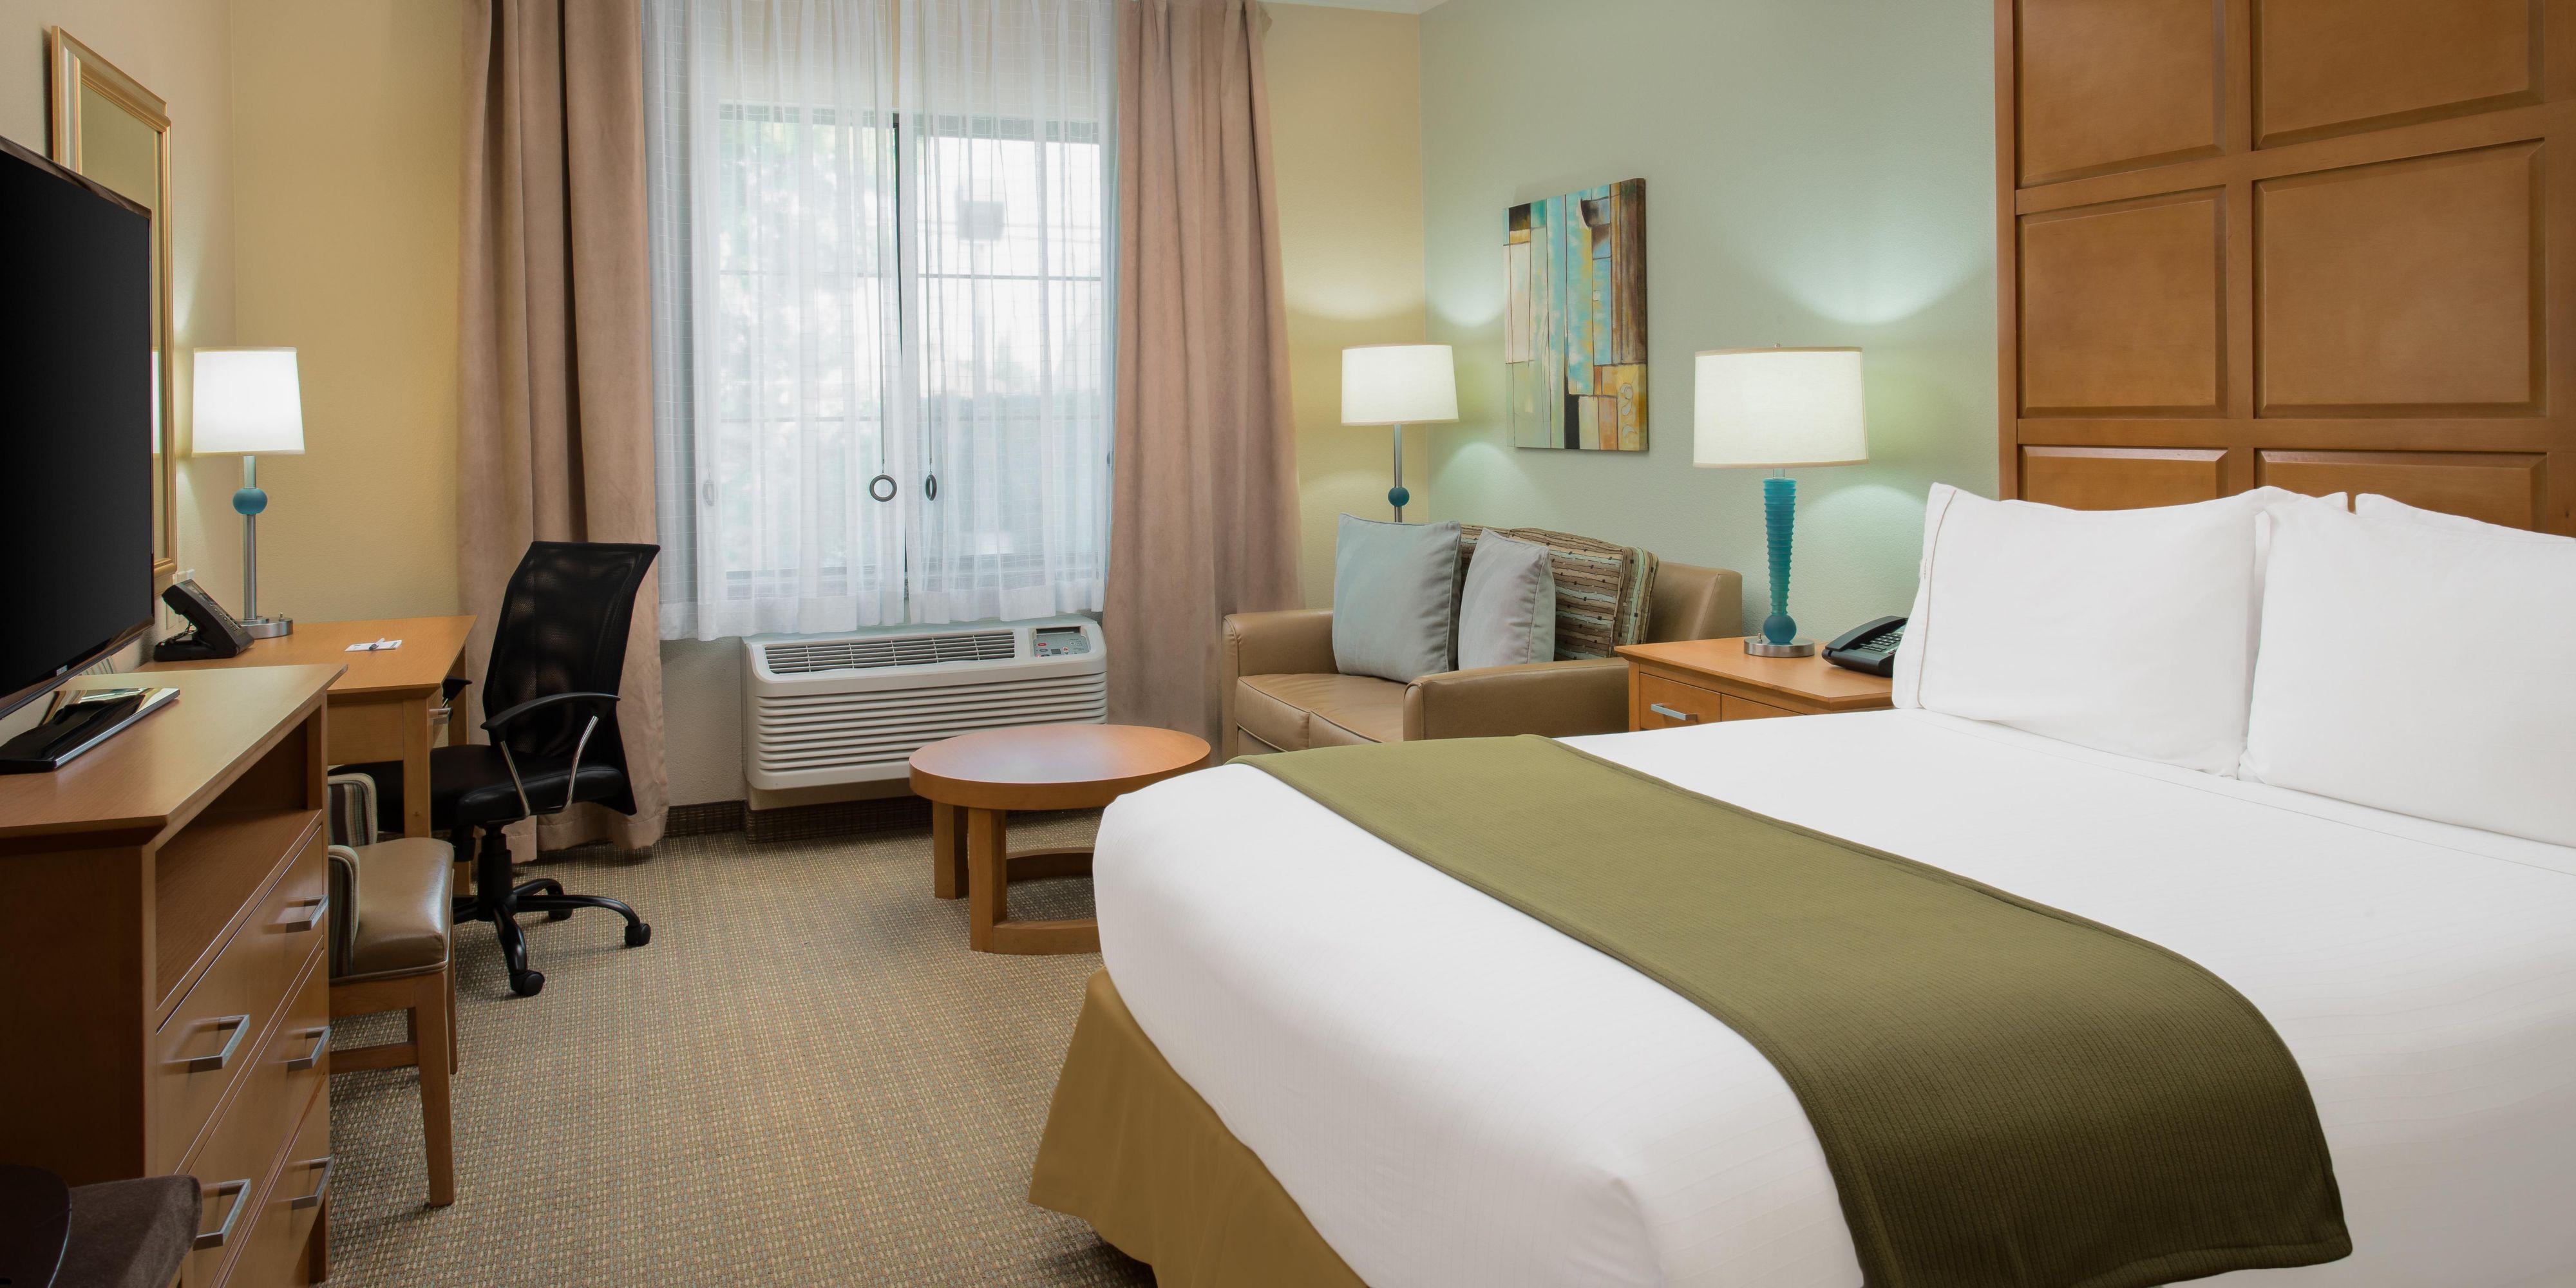 Holiday Inn Express And Suites Santa Clara 4031468770